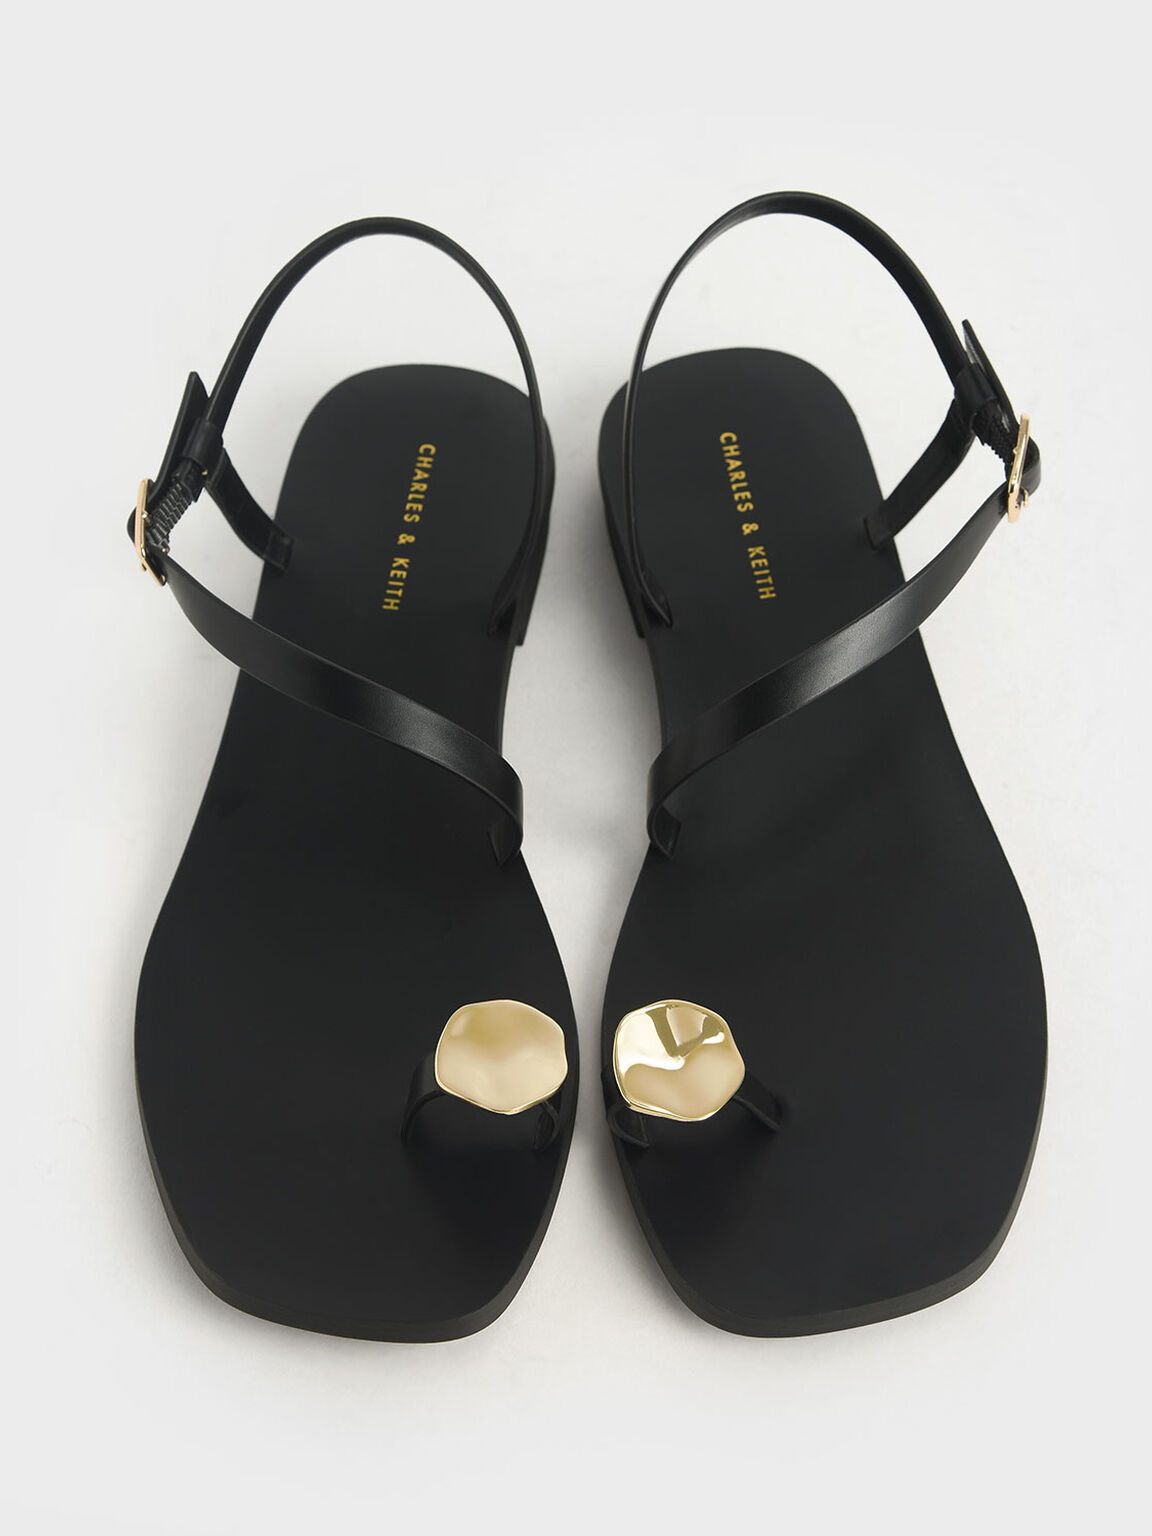 Metal Accent Toe Loop Sandals, Black, hi-res